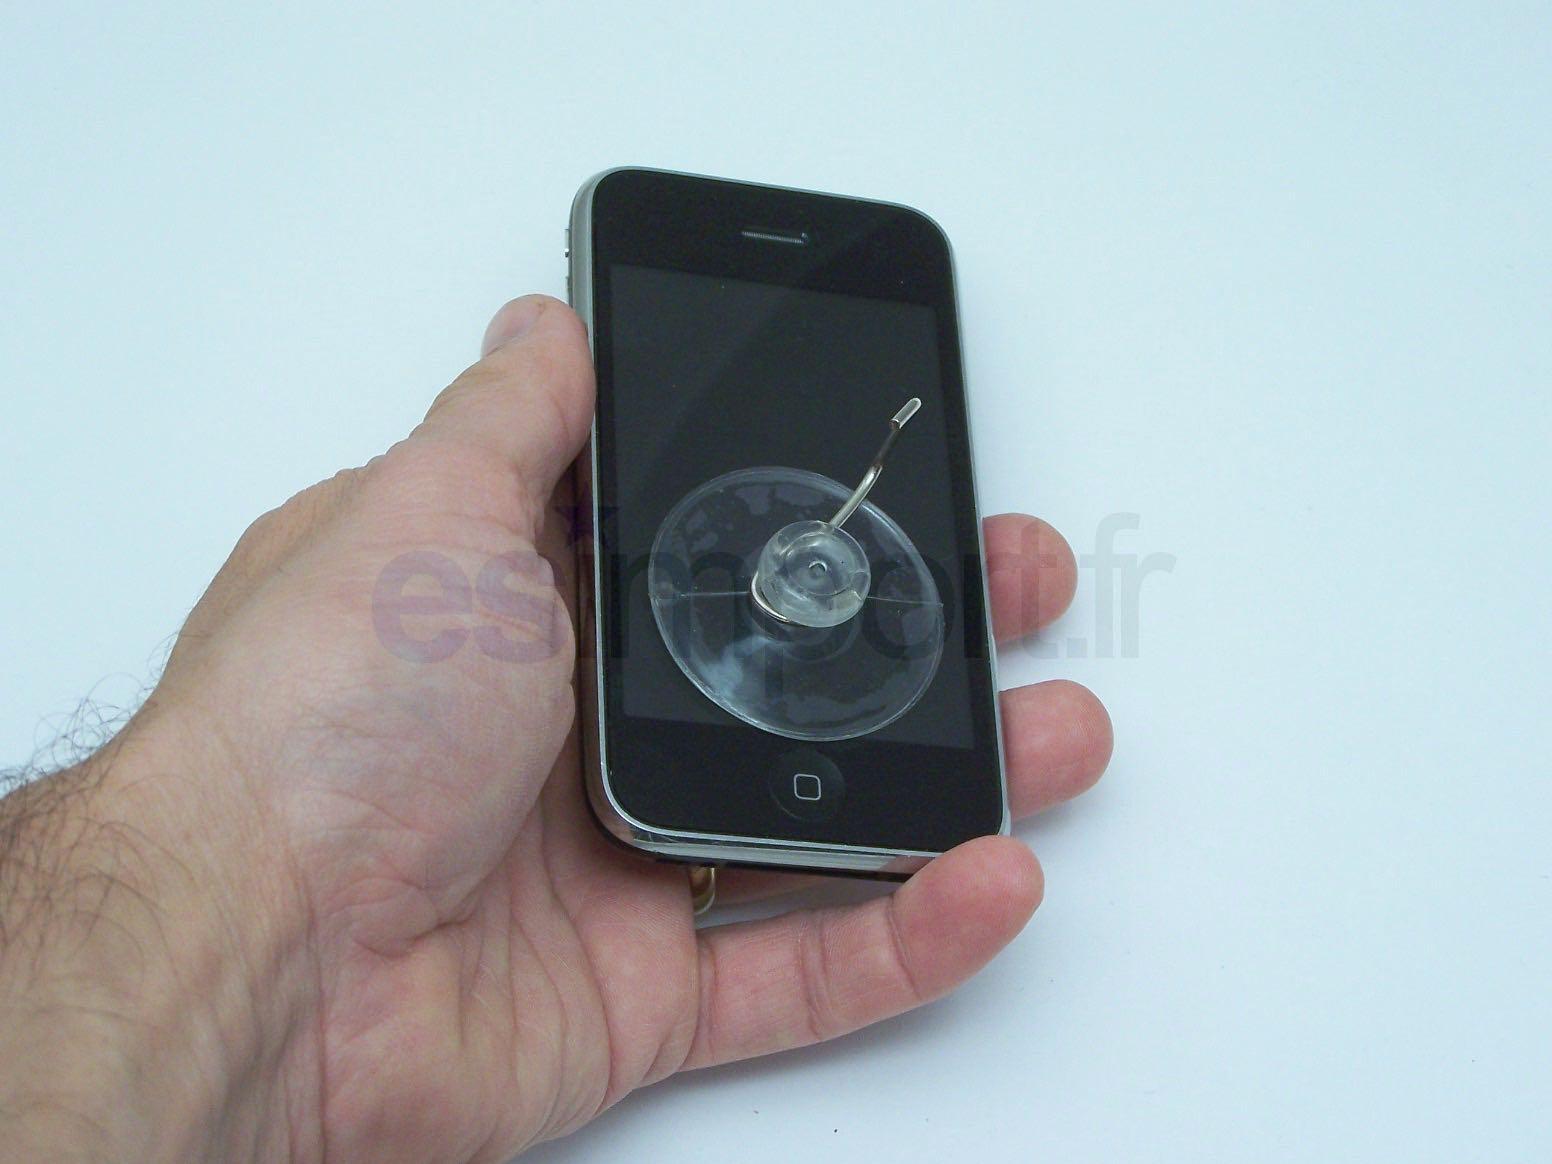 PLACER LA VENTOUSE SUR ECRAN DE L IPHONE 3G